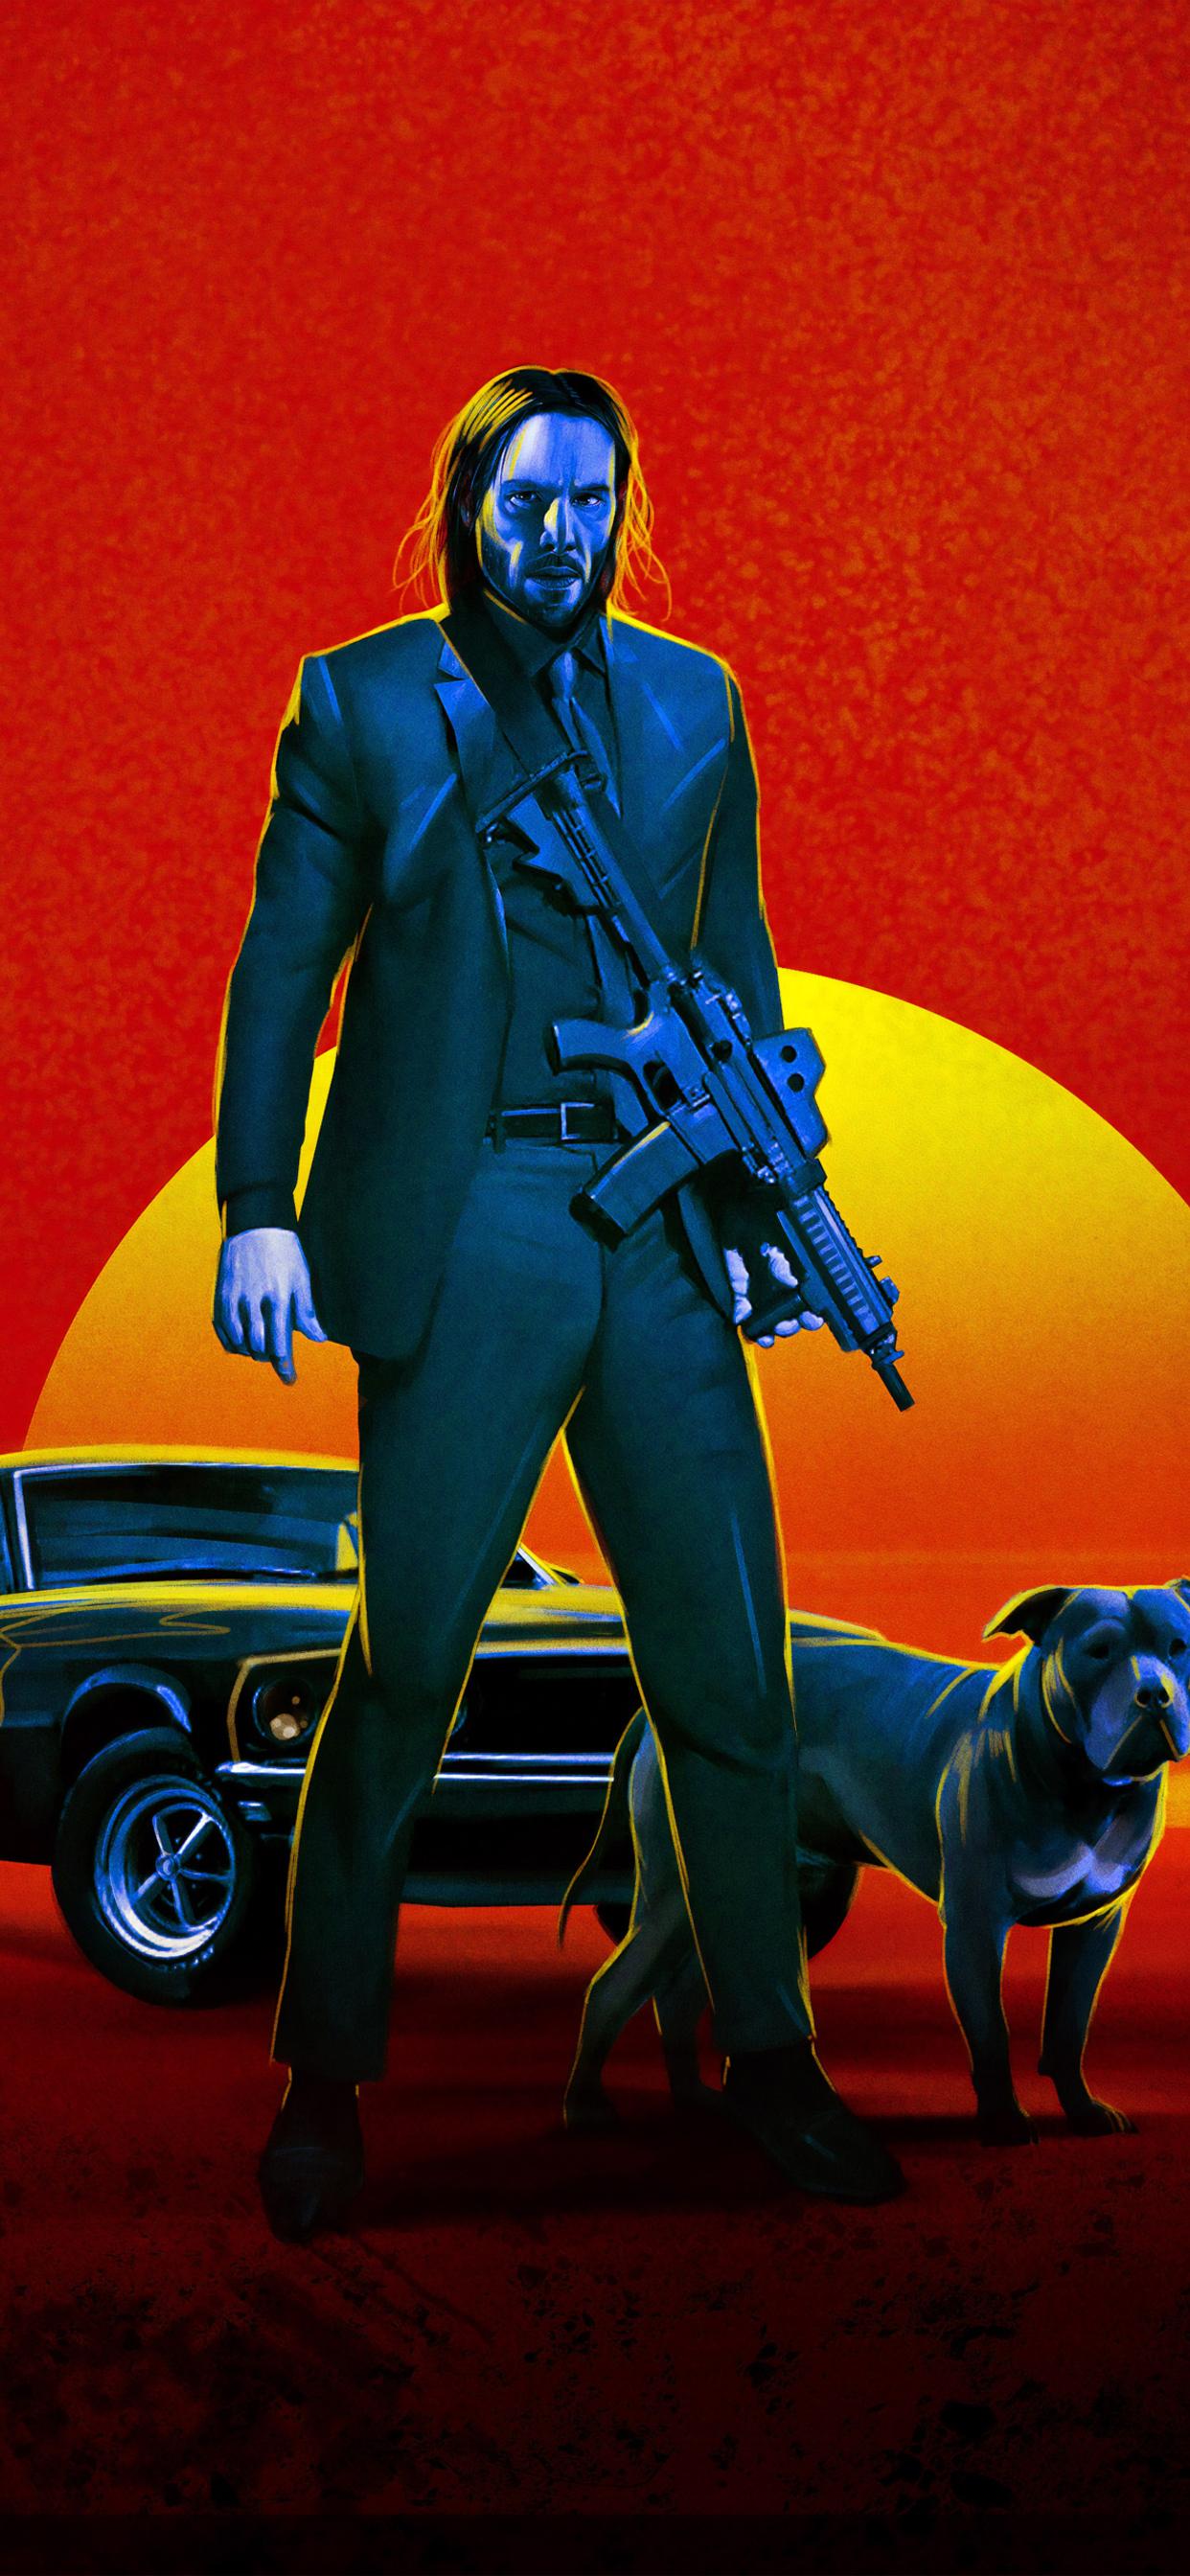 john-wick-3-fan-poster-m7.jpg